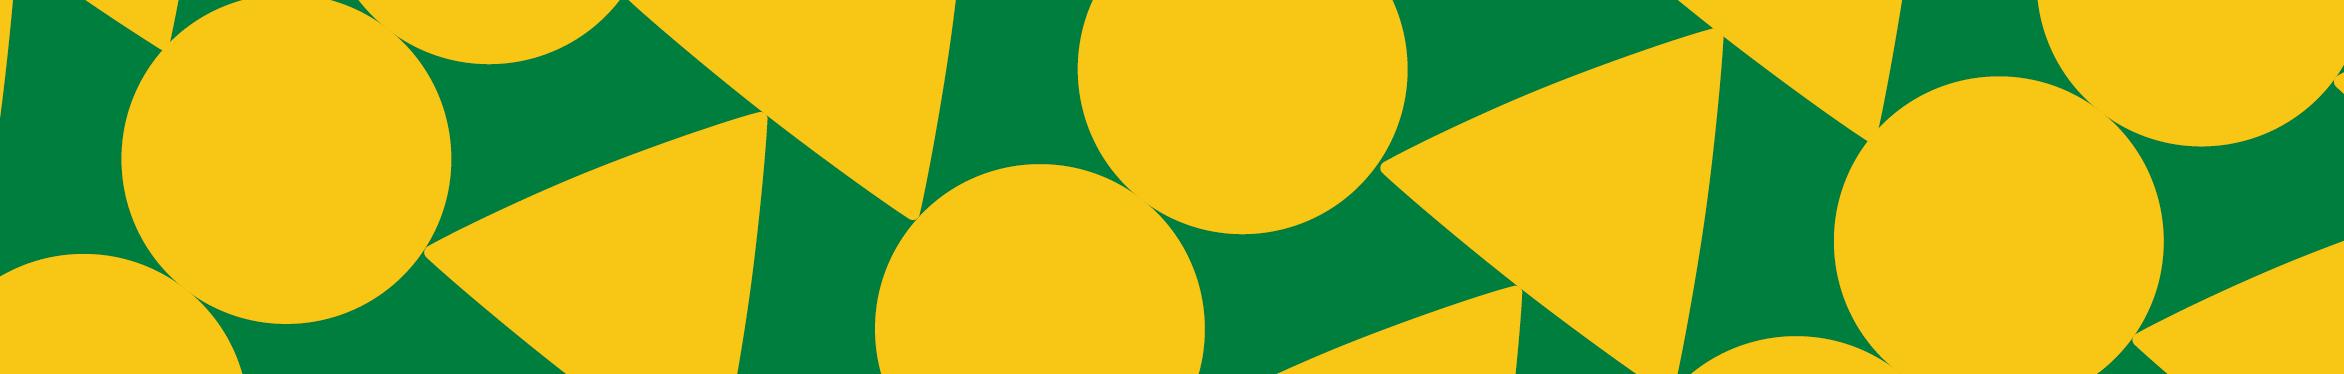 Auschannel澳洲频道 banner